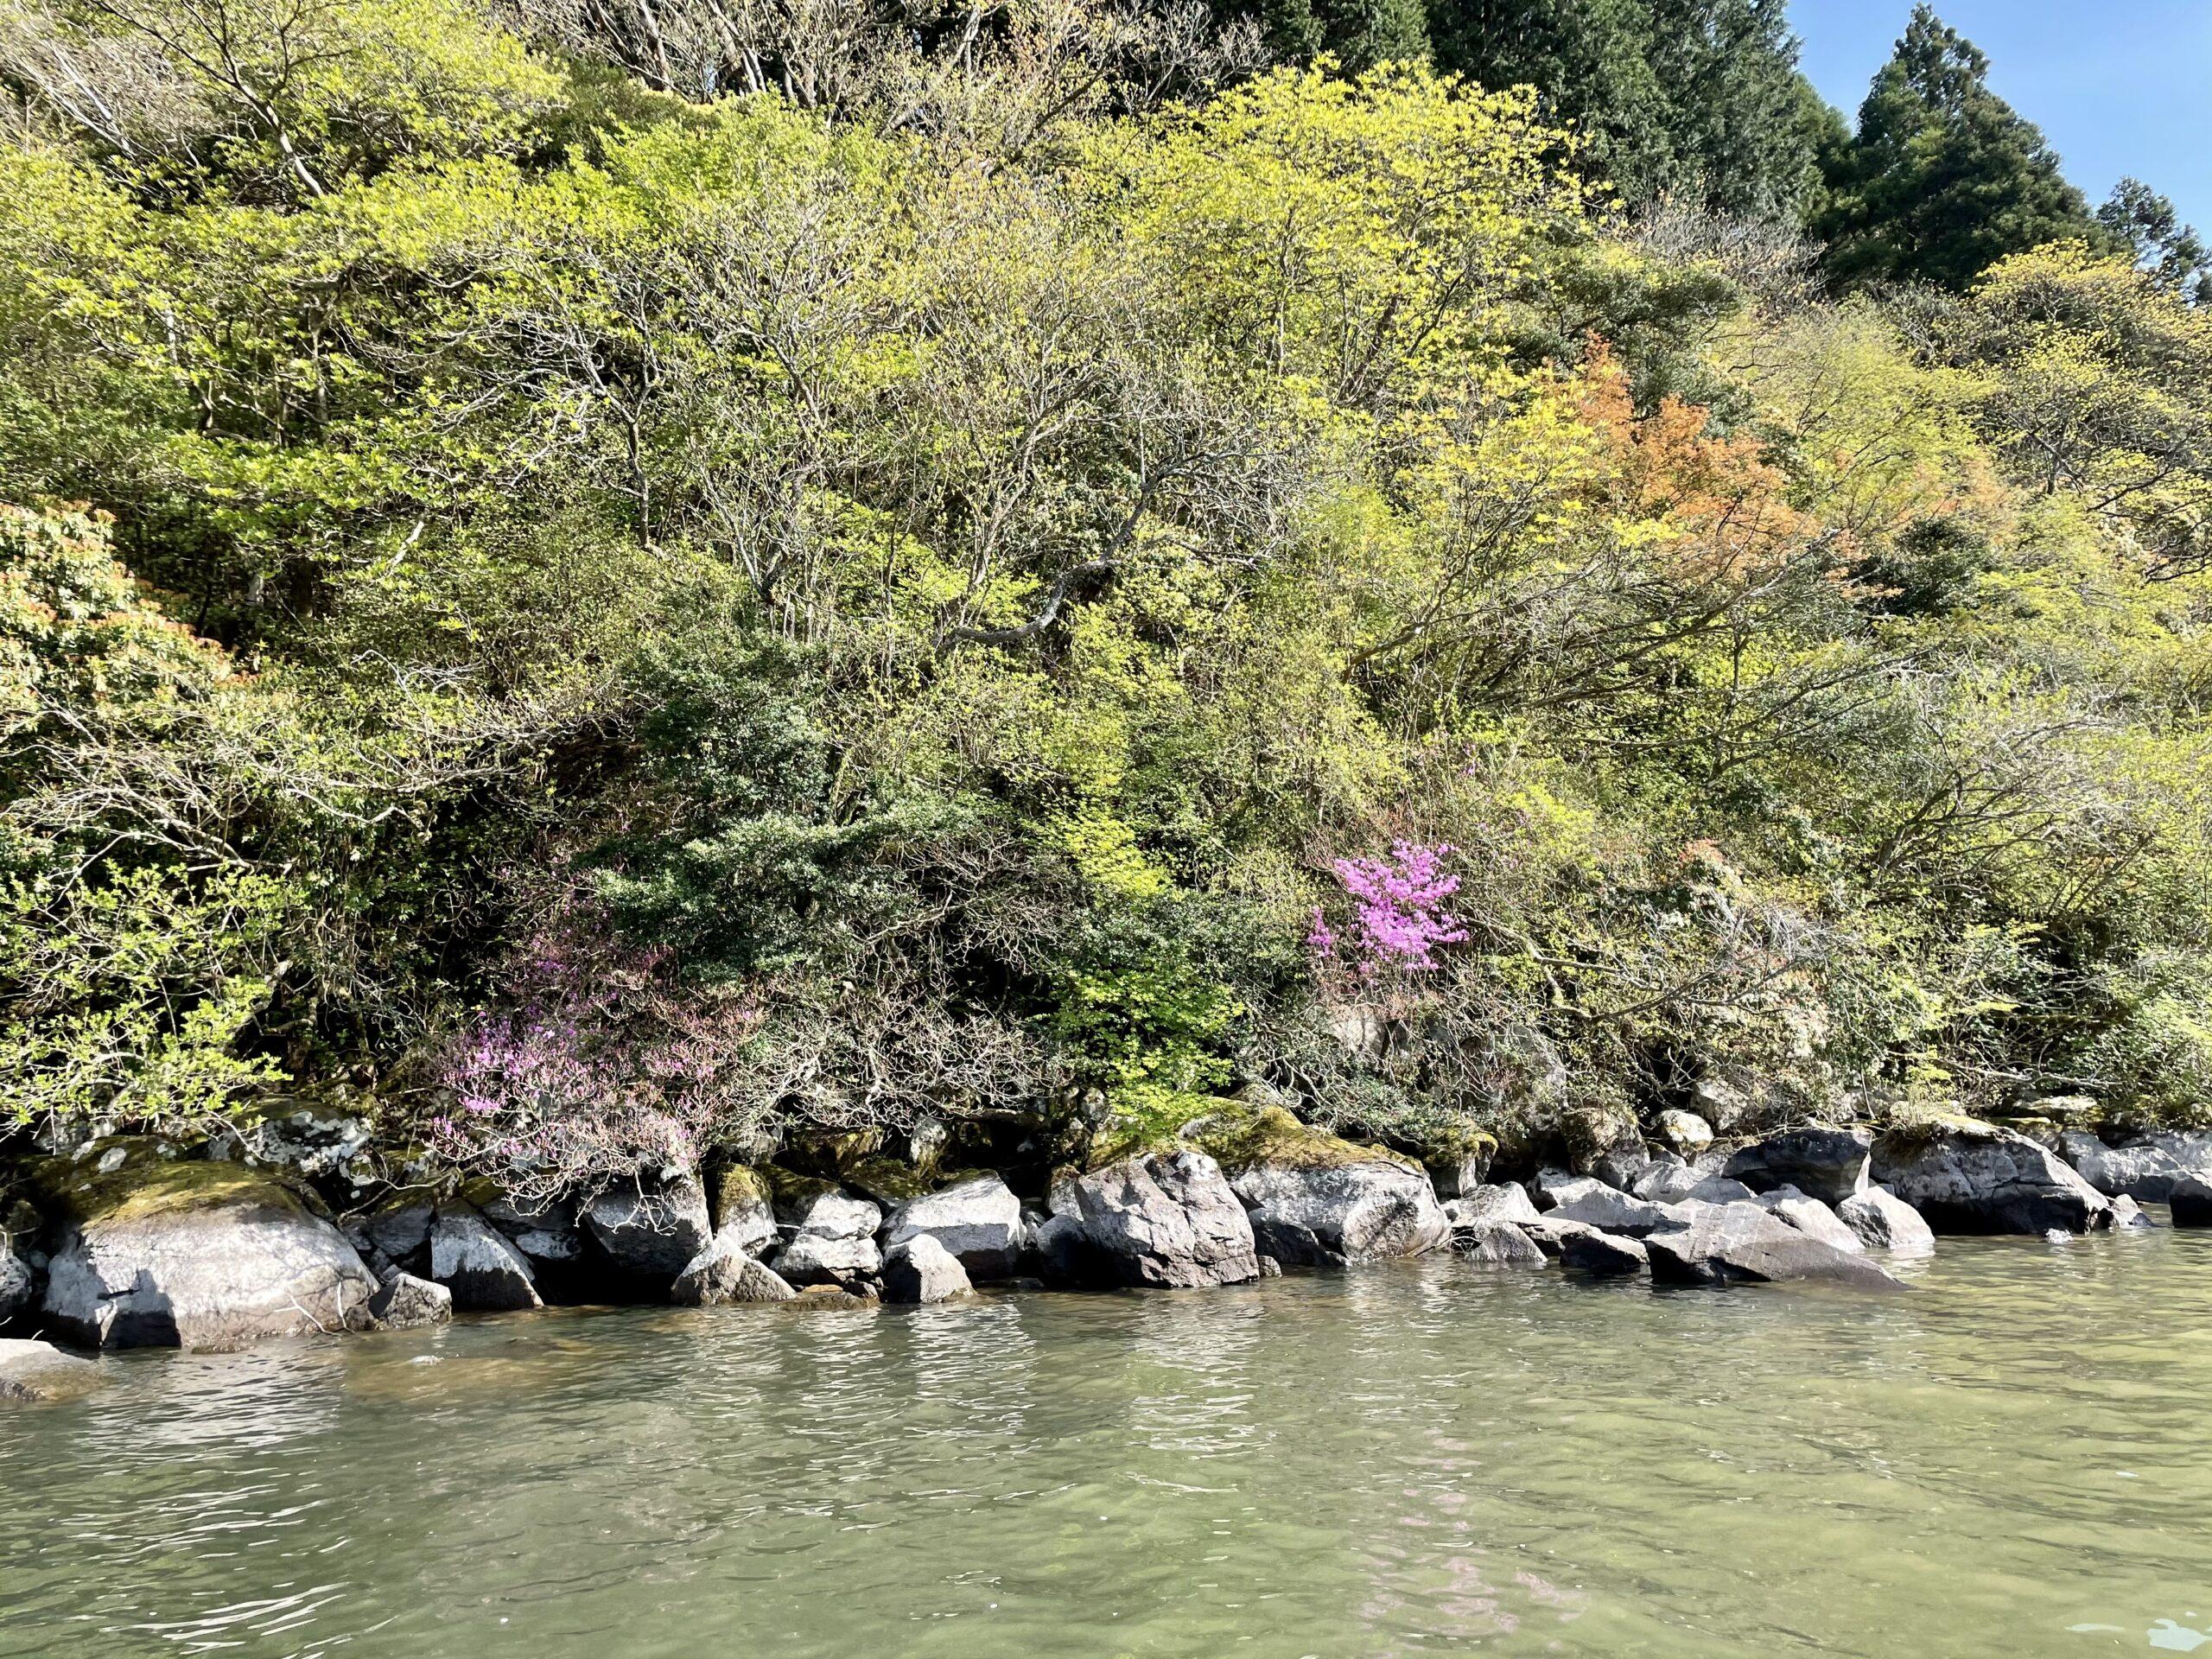 ツツジもキレイな芦ノ湖